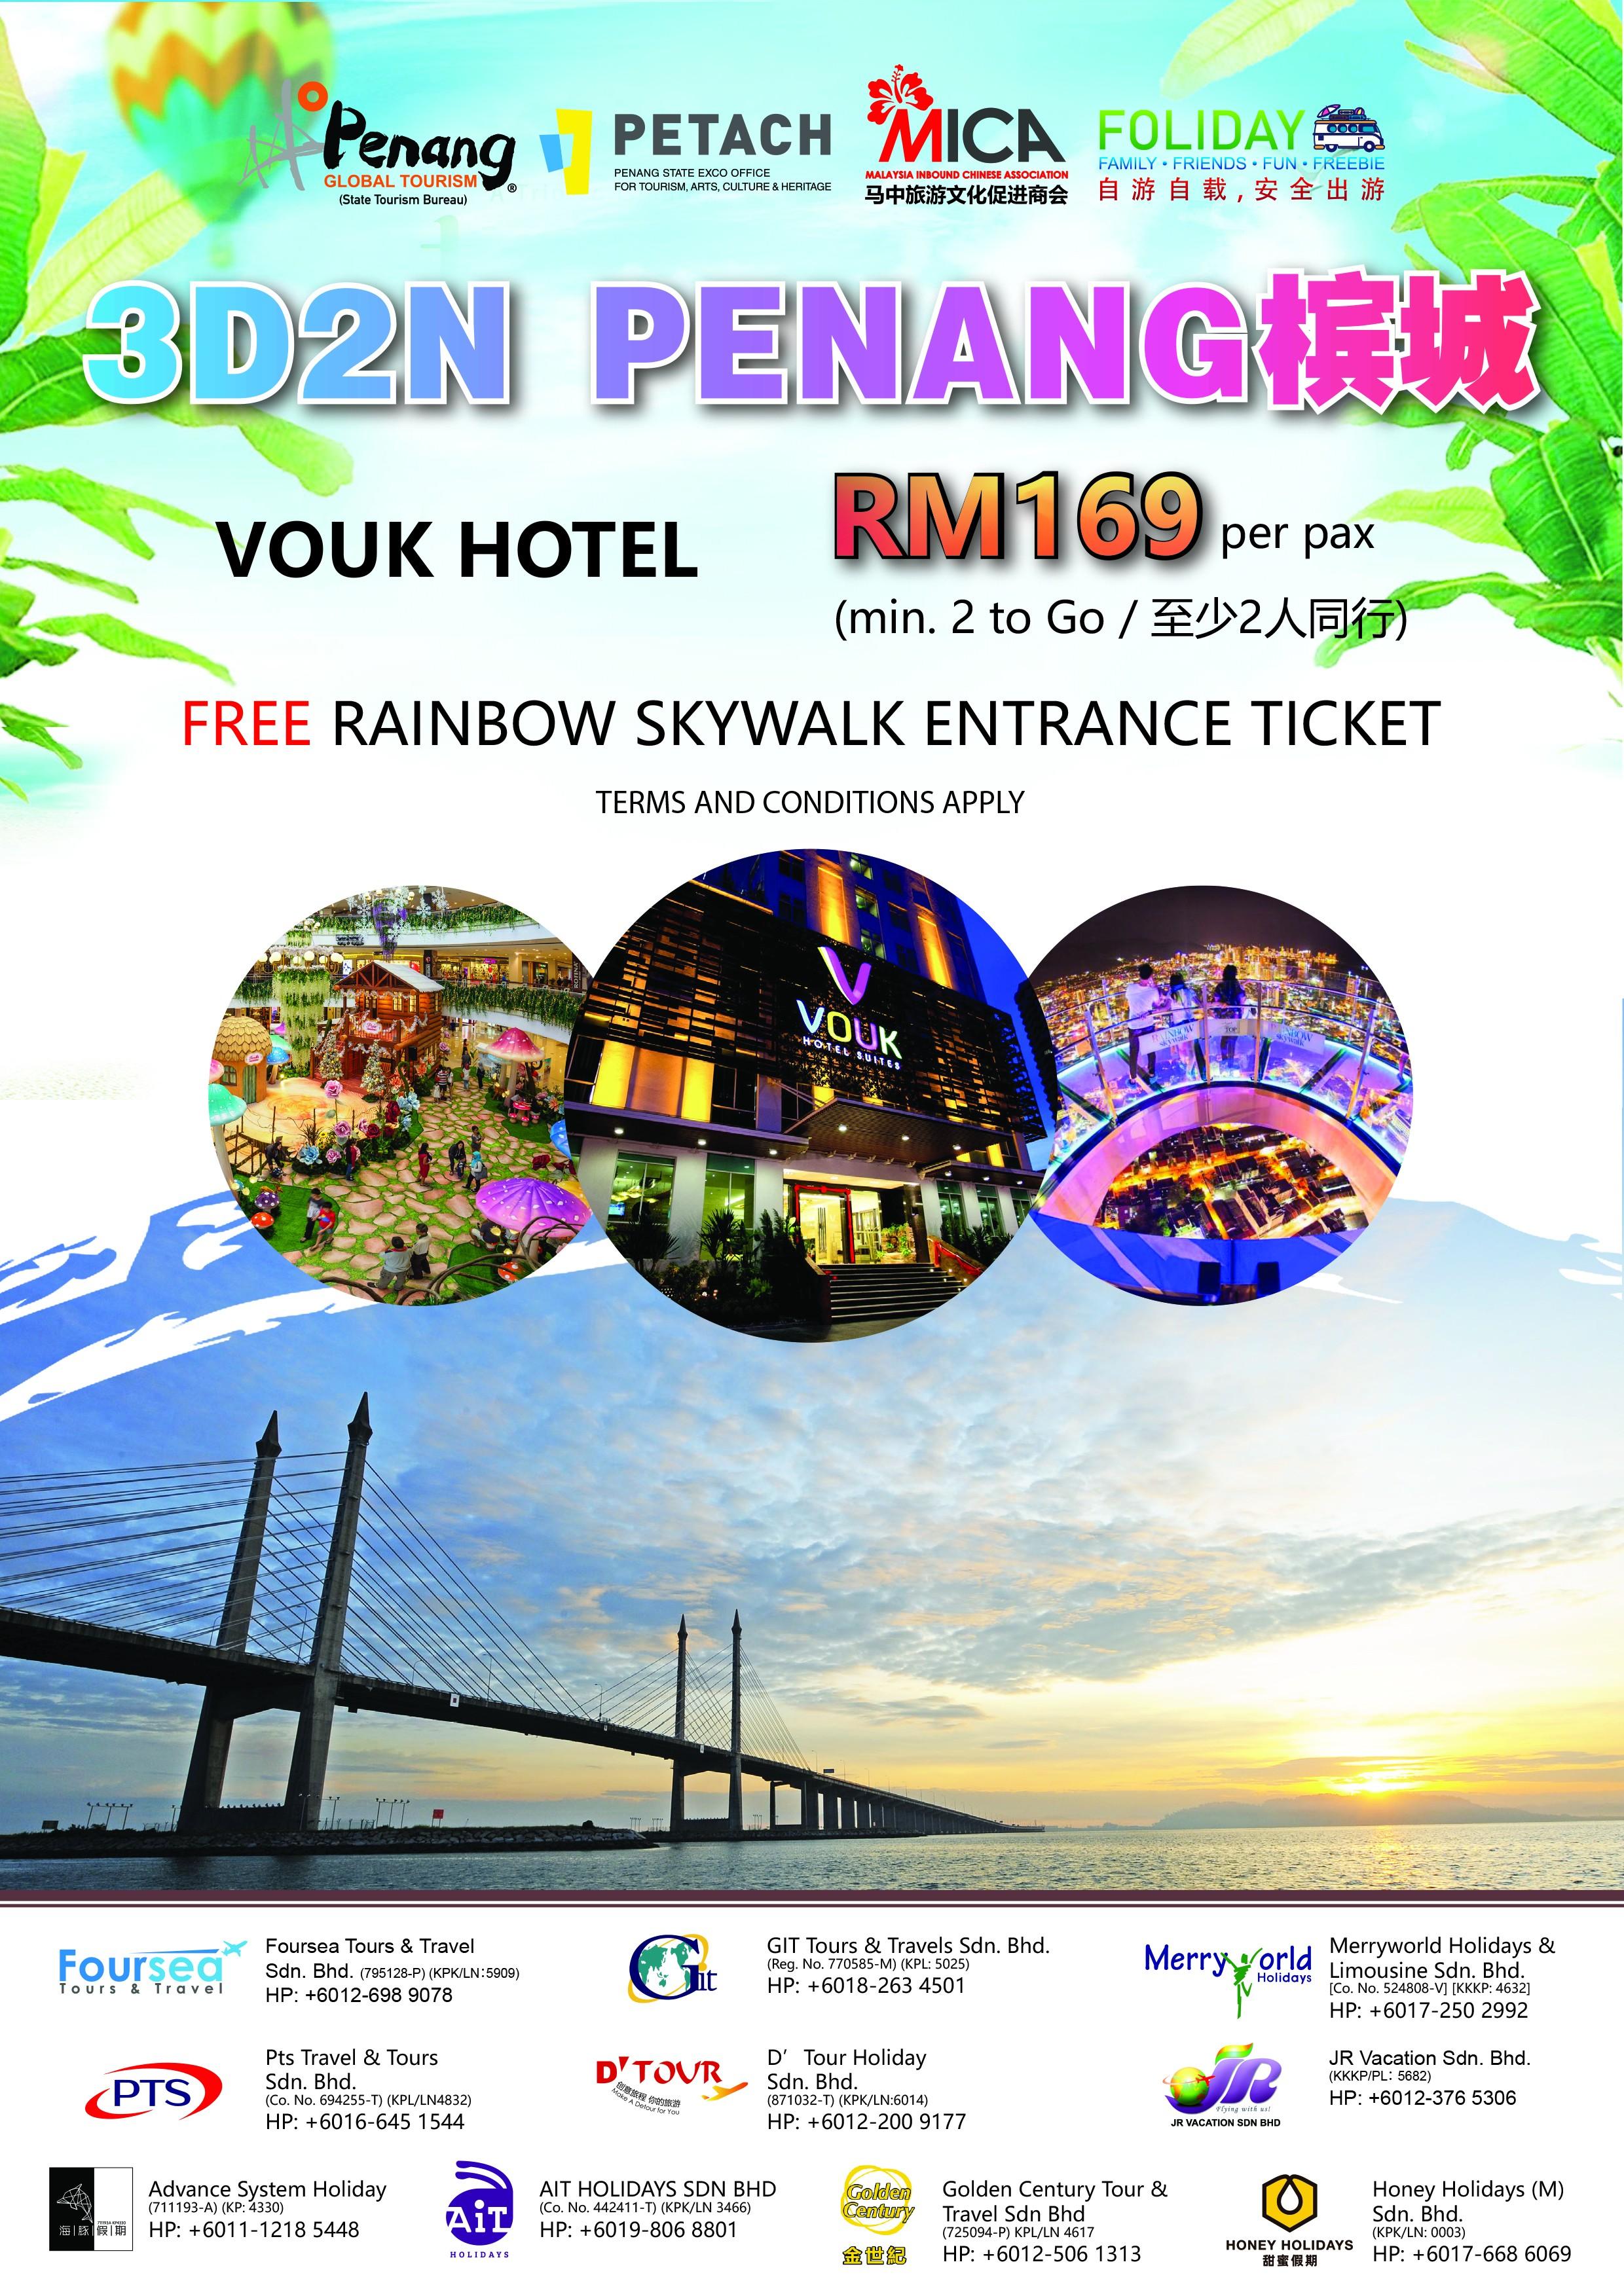 3D2N Penang - Vouk Hotel